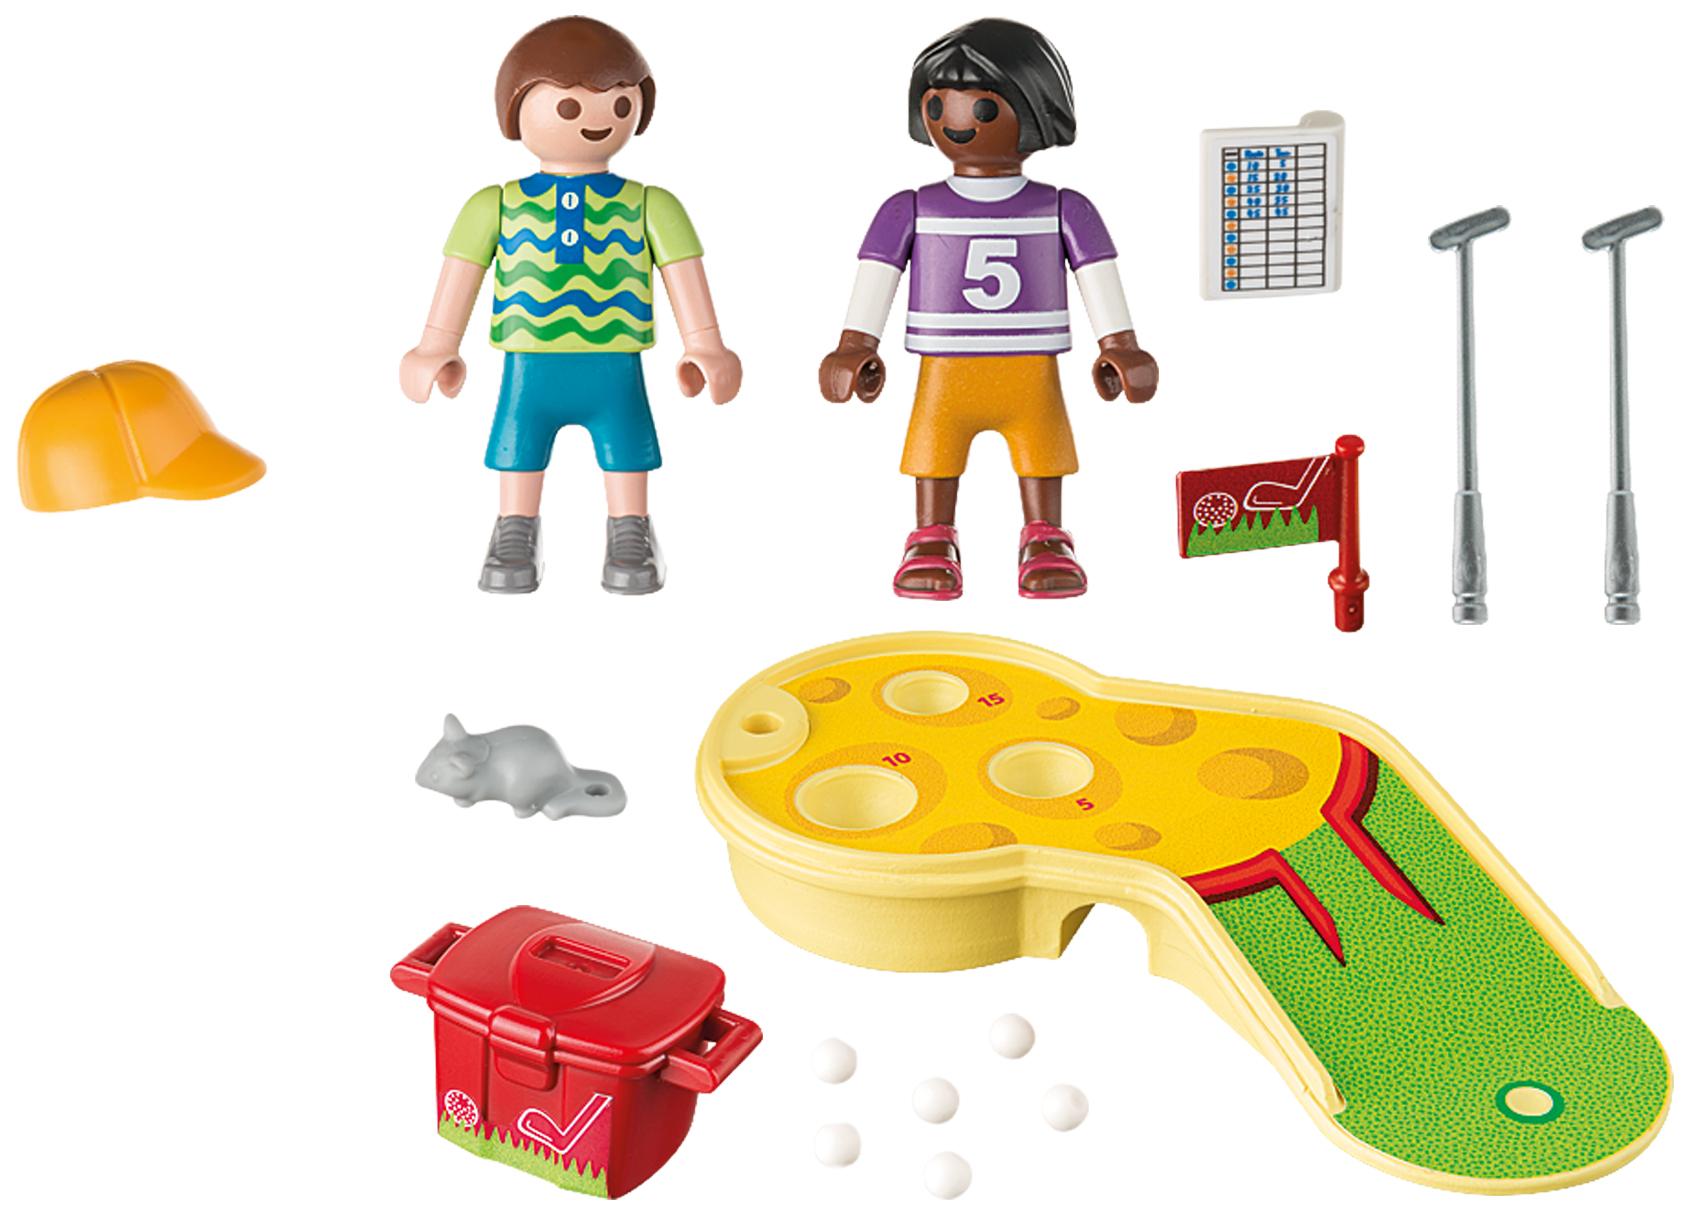 Купить Игровой набор Playmobil Экстра-набор:Играющие дети в мини-гольф, Игровые наборы